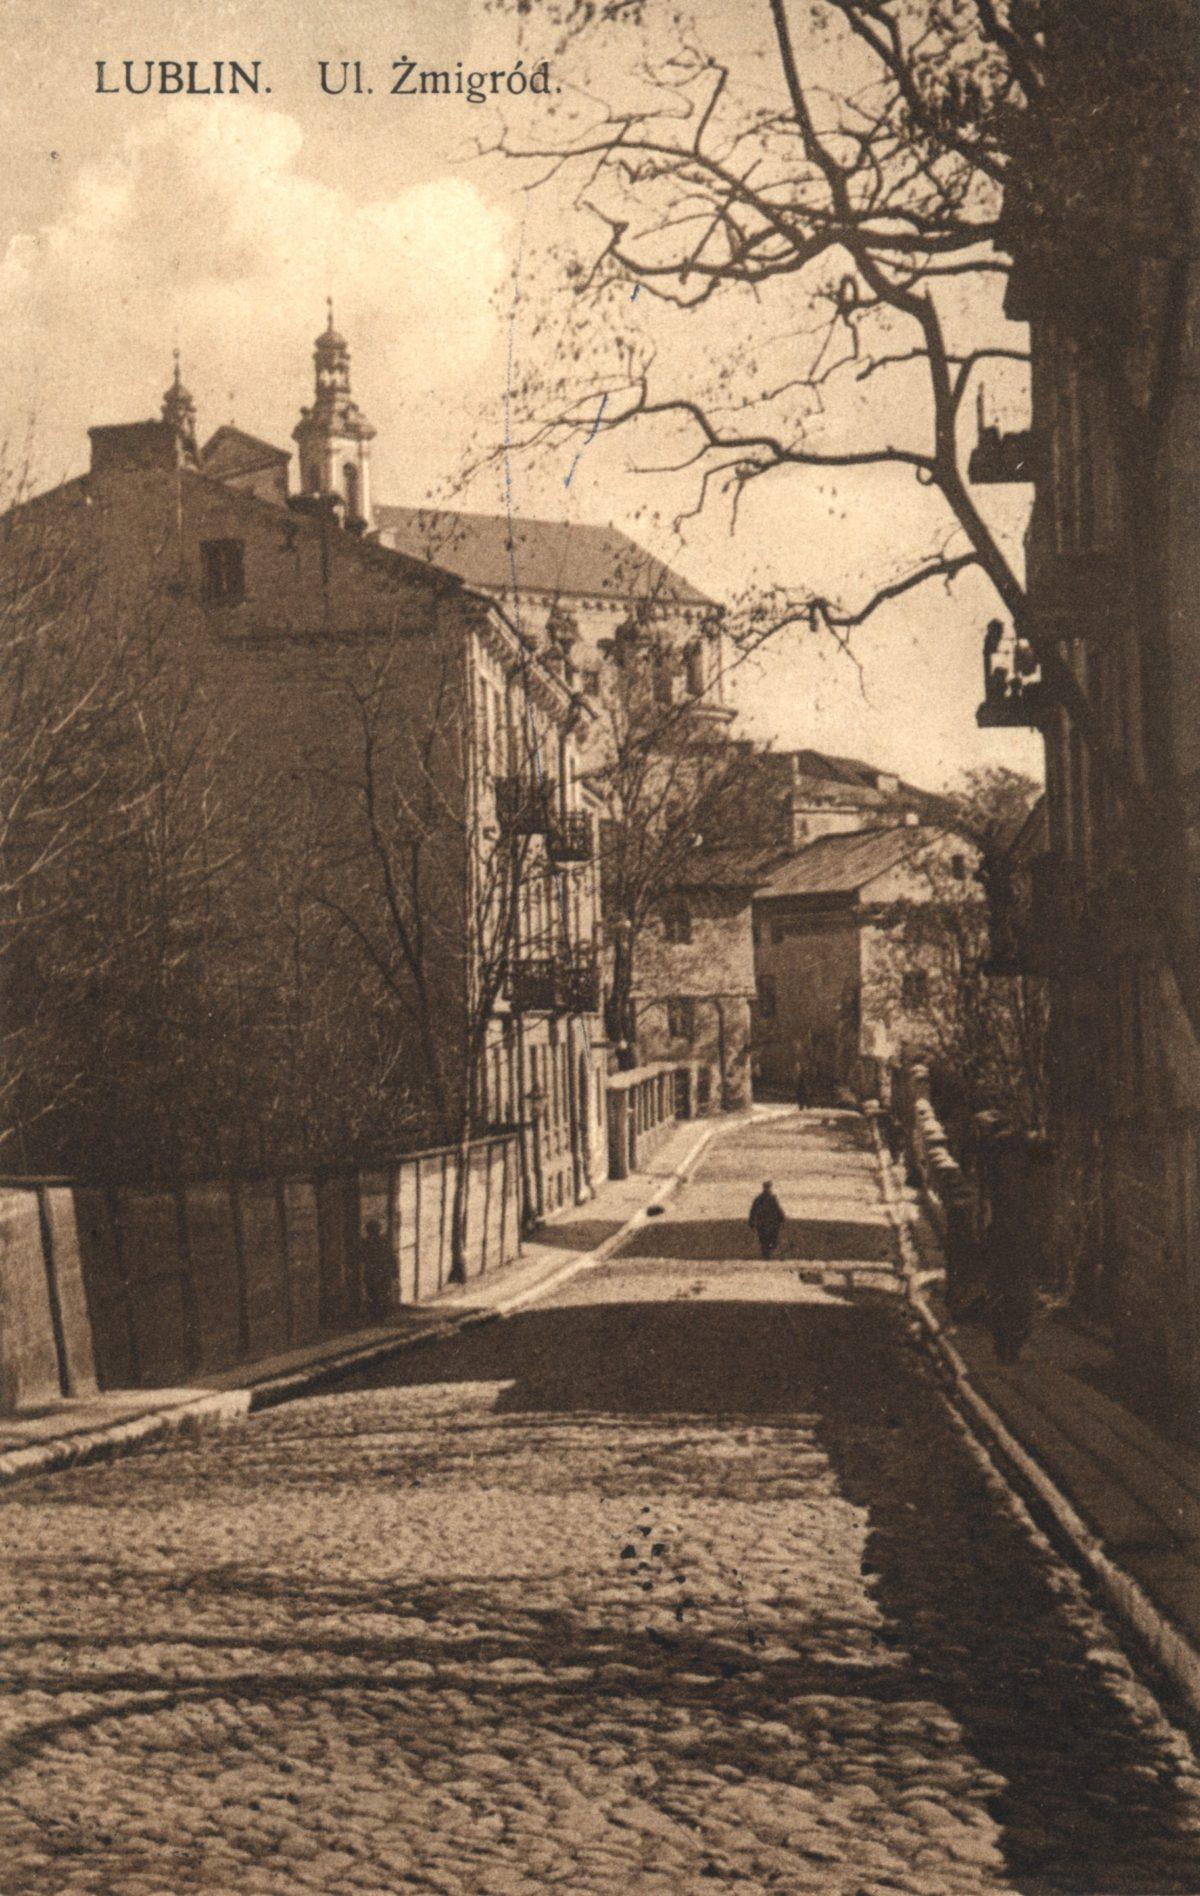 Ul. Żmigród, pocztówka z 1927 roku, Wyd. Skład Papieru B-cia Kestenberg, @WBP BC